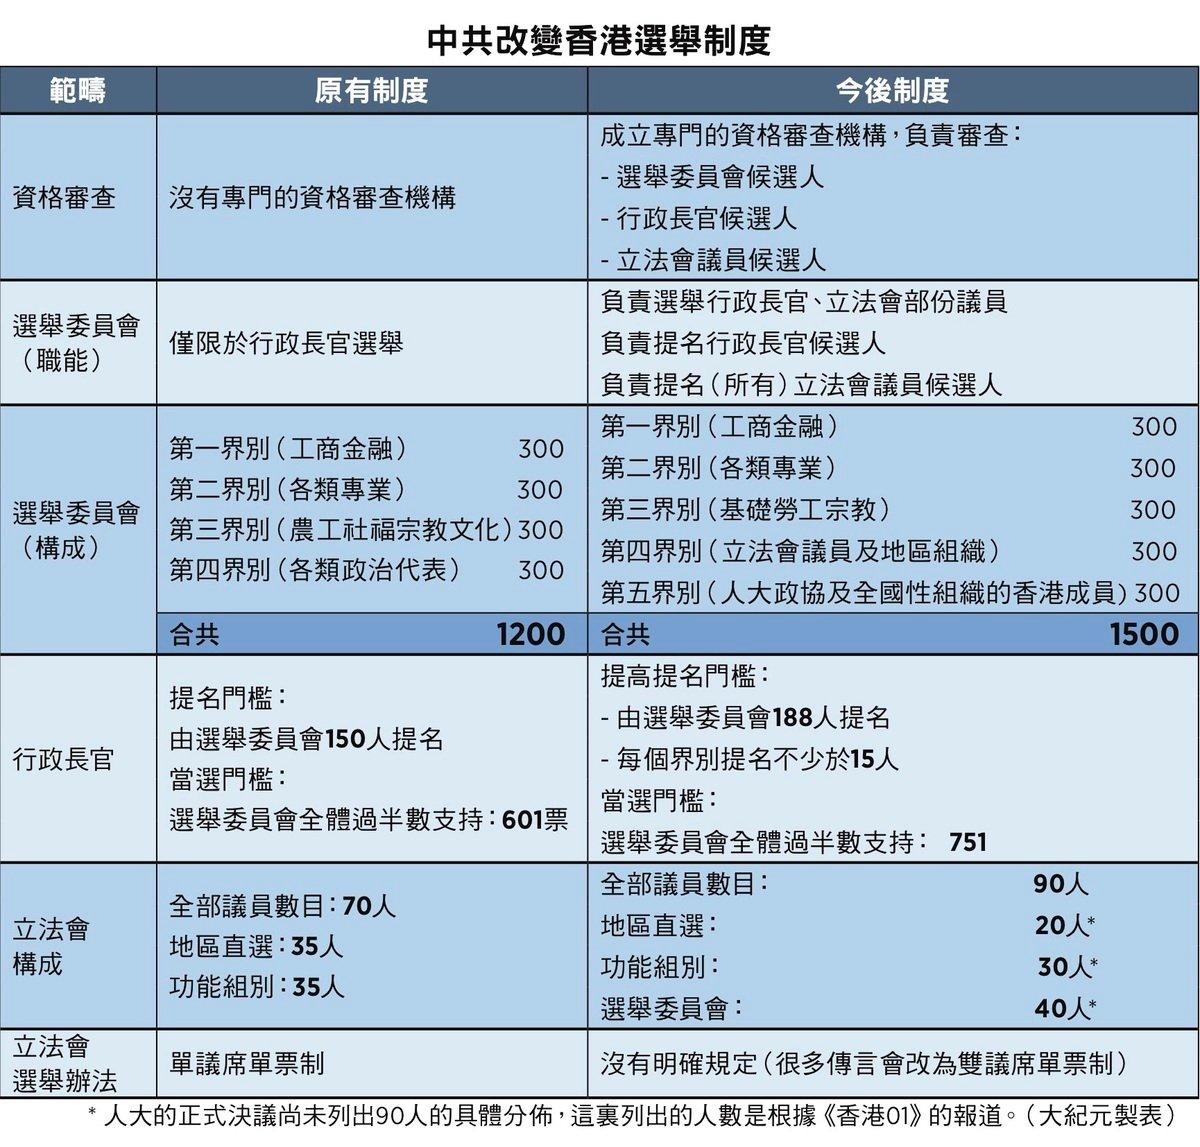 中共改變香港選舉制度一覽表(大紀元製圖)